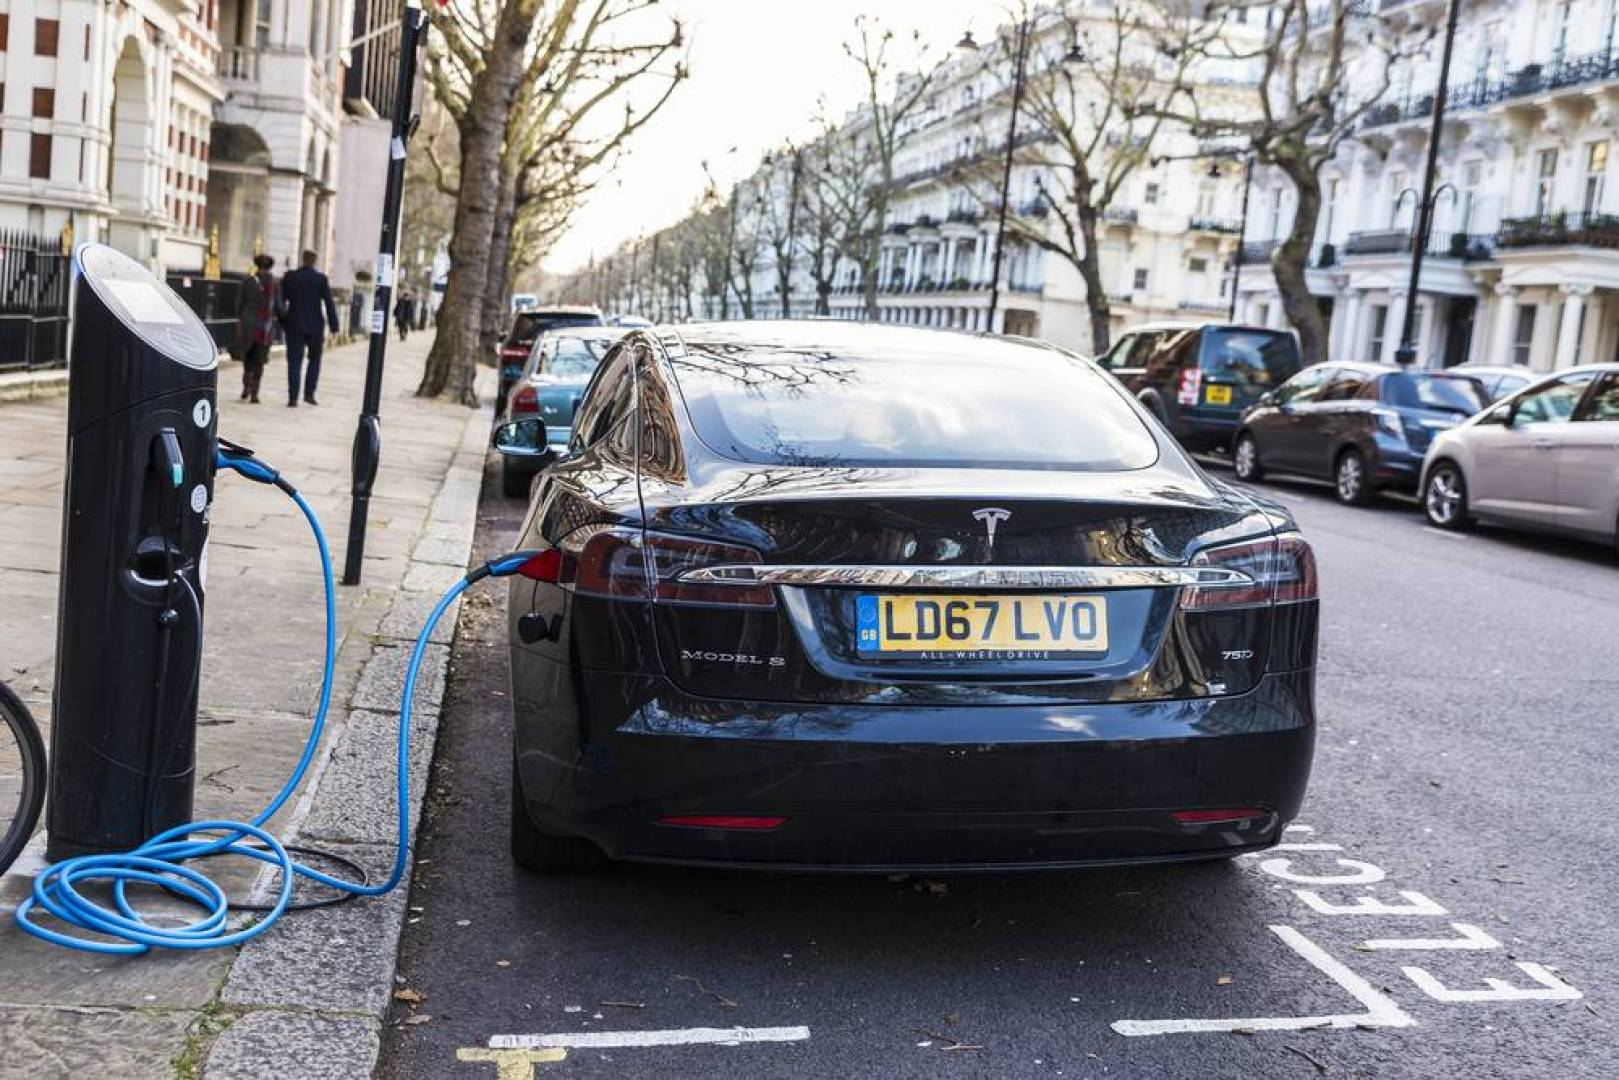 بريطانيا تحظر بيع سيارات الوقود بحلول 2035